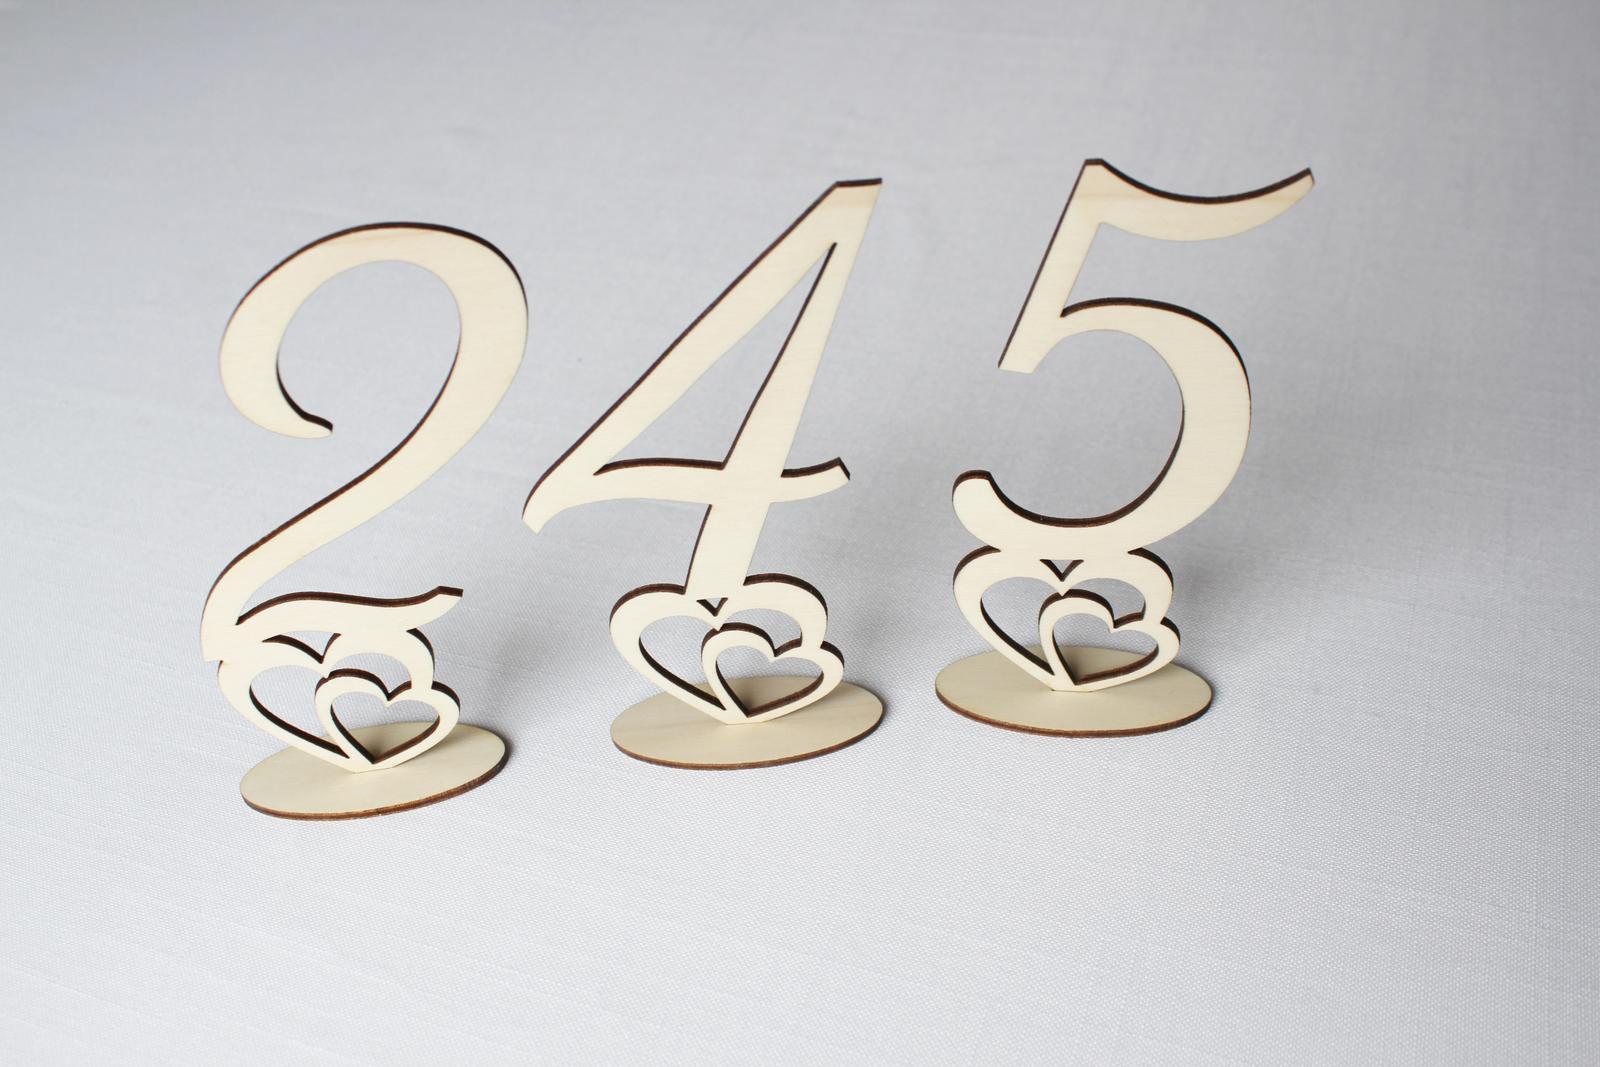 čísla na svadobný stôl 15cm - Obrázok č. 1